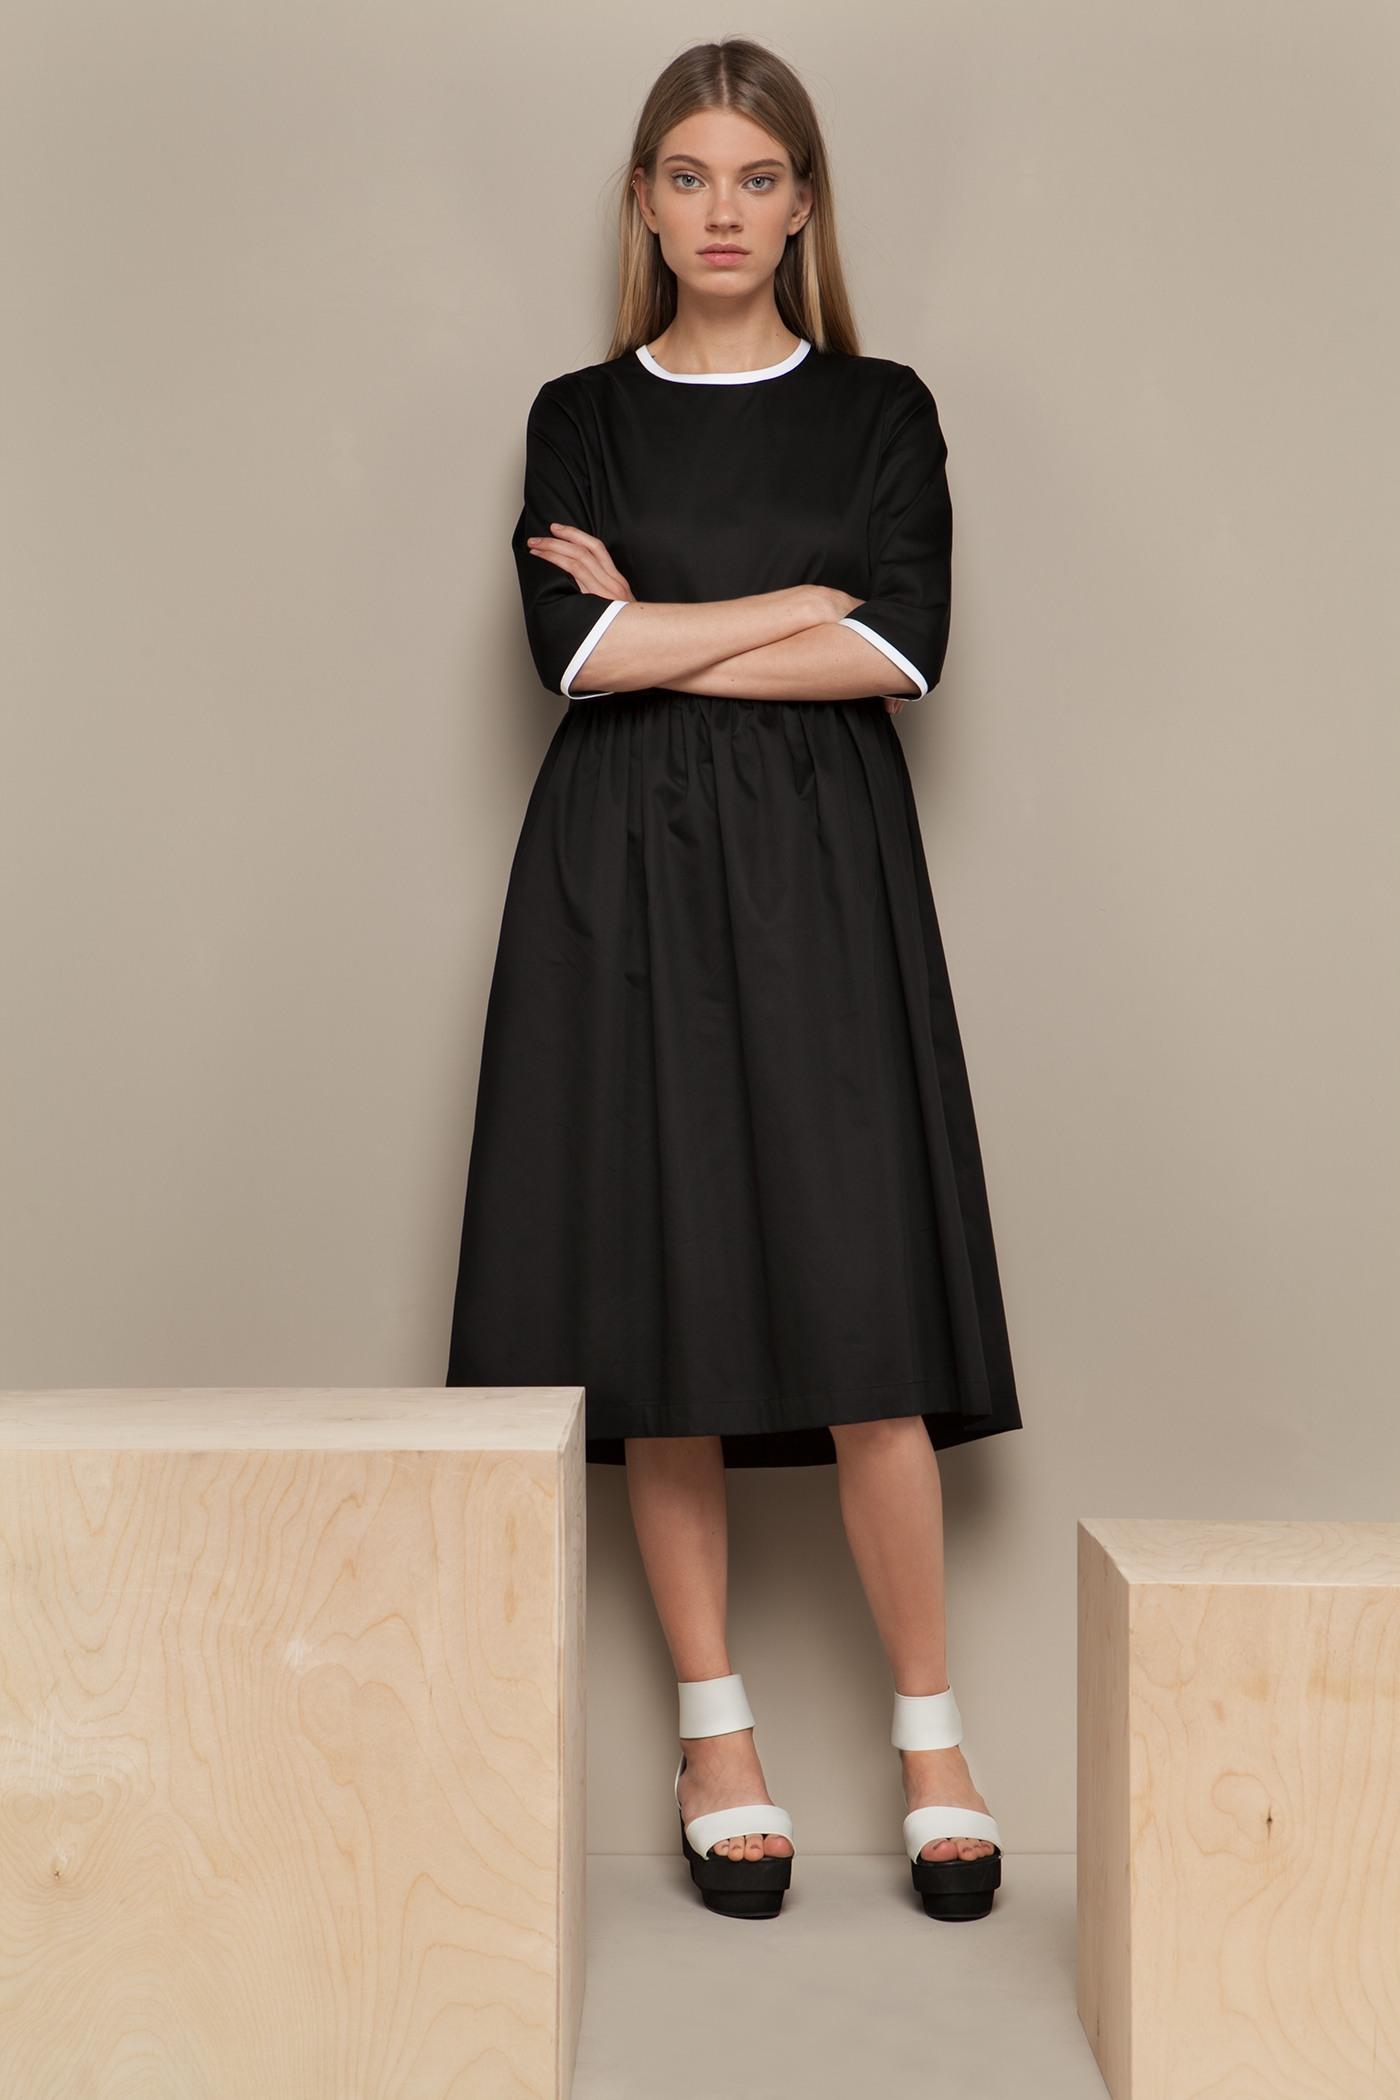 Платье средней длины - NunПлатье средней длины с чуть завышенной отрезной юбкой. Юбка со складками и карманами в боковых швах. Застежка на молнию сзади.&#13;<br>&#13;<br>&#13;<br>рукава 3/4&#13;<br>&#13;<br>прилегающий силуэт&#13;<br>&#13;<br>плотный хлопок&#13;<br>&#13;<br>длина изделия по спинке 104 см в ростовке 164-170 см., длина может изменяться в зависимости от размера и ростовки&#13;<br>&#13;<br>размер и другие нюансы уточняются при заказе, мы с вами связываемся по указанному вами номеру телефона<br><br>Цвет: Черный<br>Размер: XS, S, M, L<br>Ростовка: 158 -164, 164 -170, 170 -176